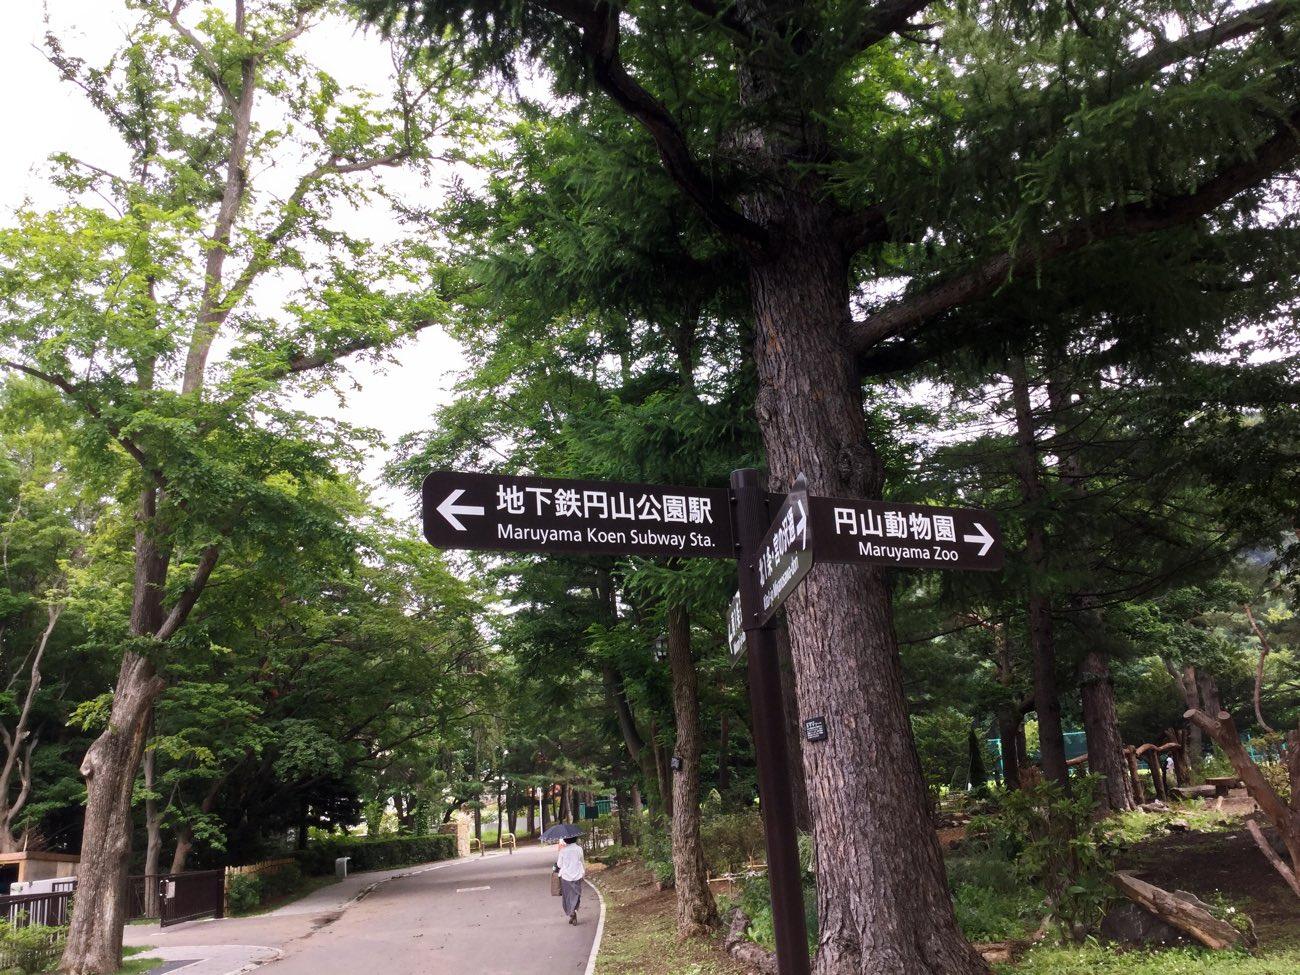 円山動物園と北海道神宮があるよ